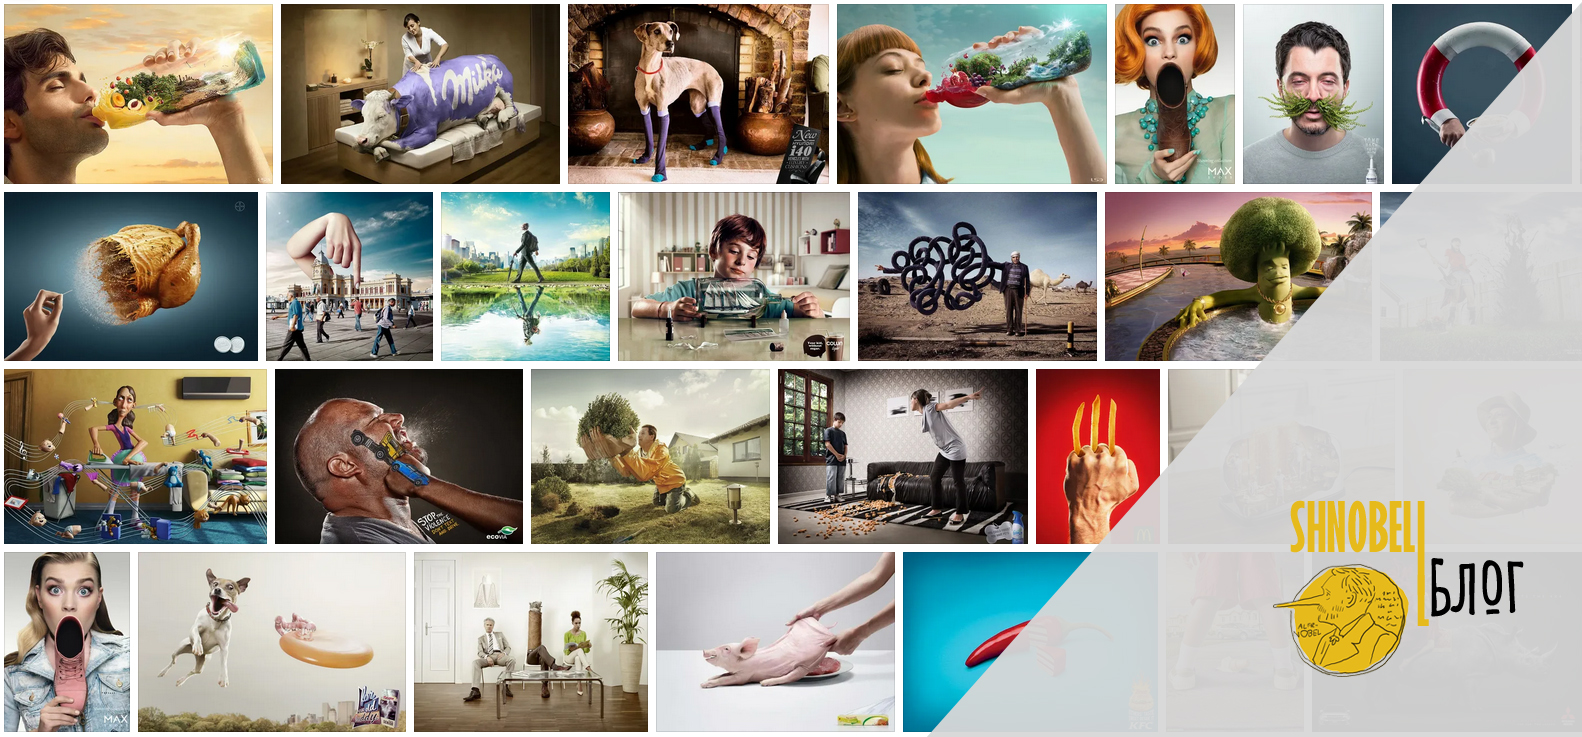 Методика создания Креативов для рекламы. Чек-лист для оценки качества креатива. Креативные тренды 2021.